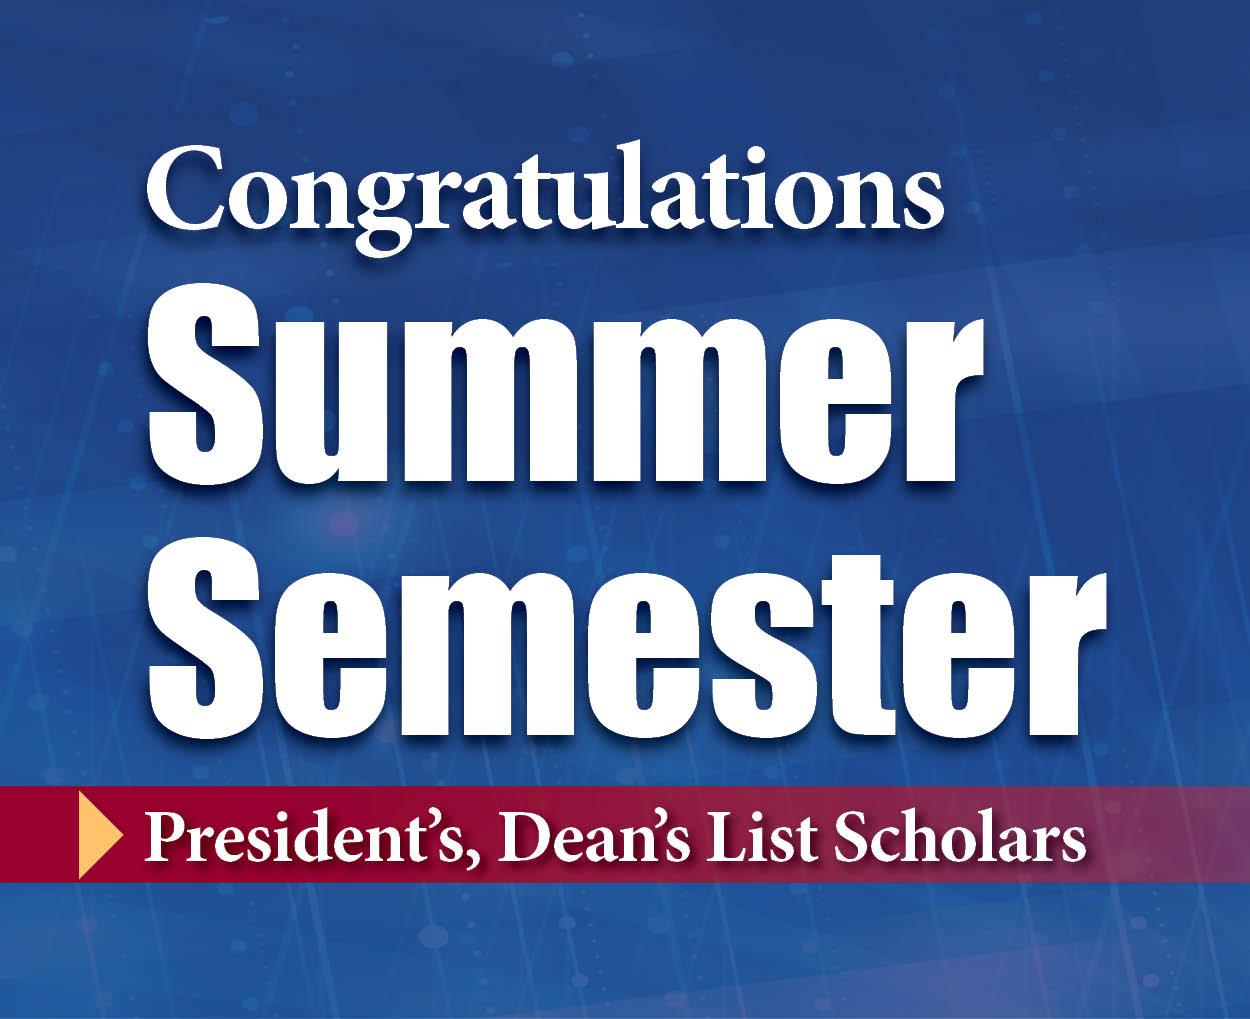 Congratulations Summer Semester President's & Dean's List Scholars